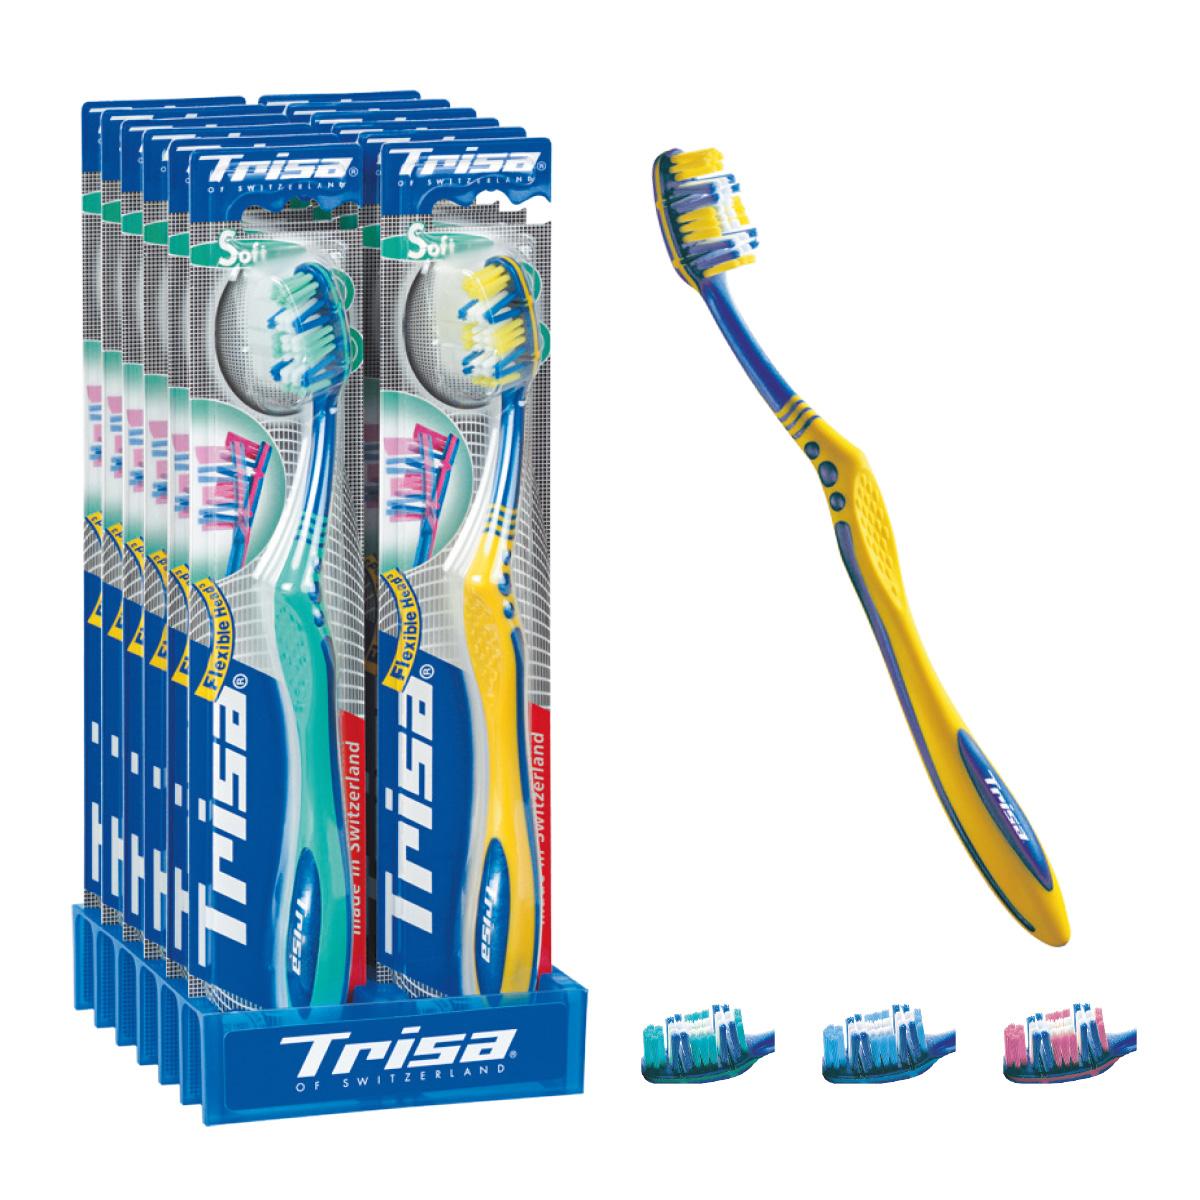 Trisa зубная щётка Флексибл Хеад жесткая 517437